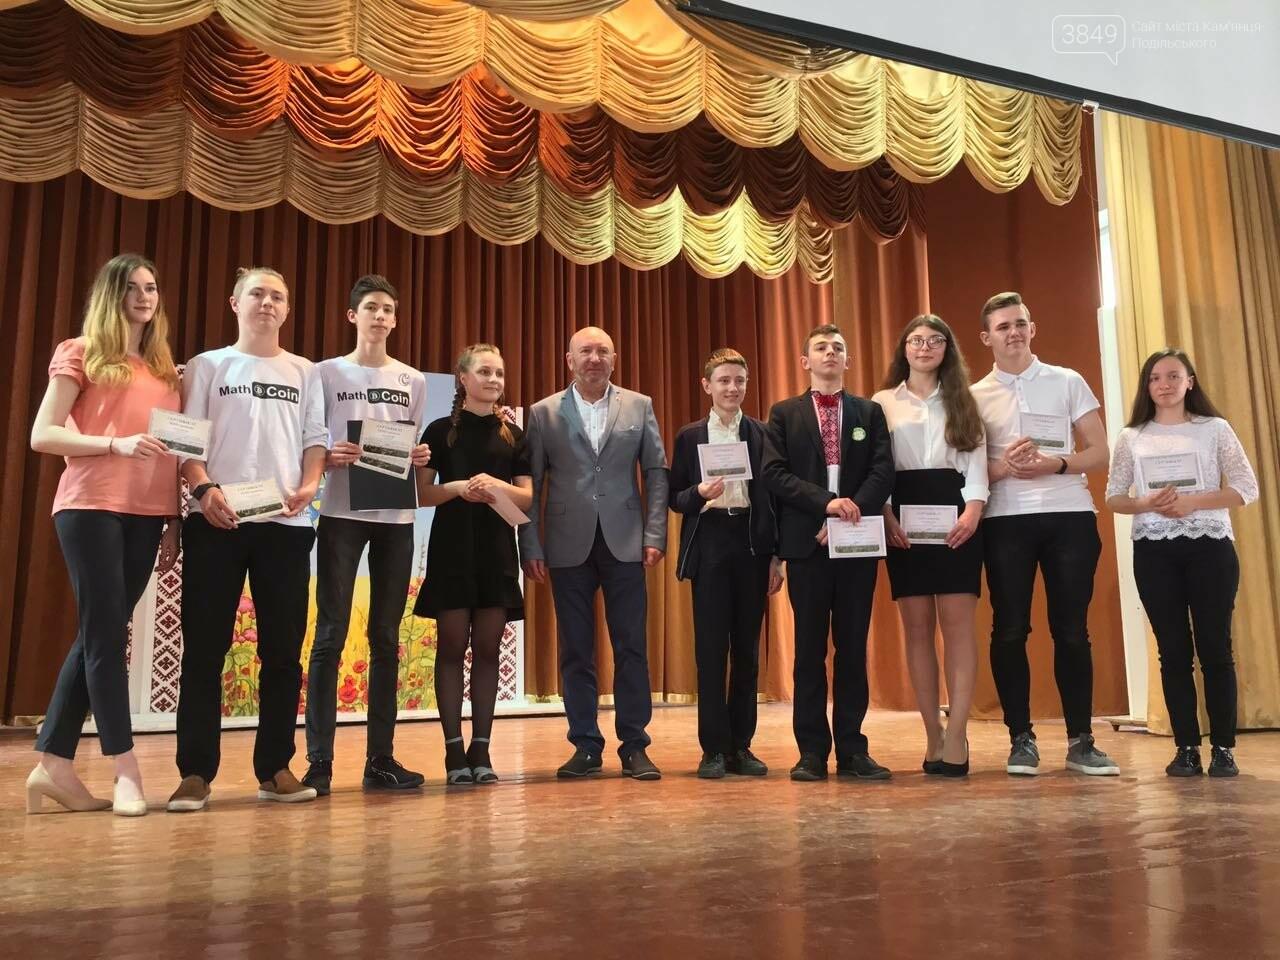 Обдарованих кам'янецьких школярів відзначили грошовими преміями, фото-9